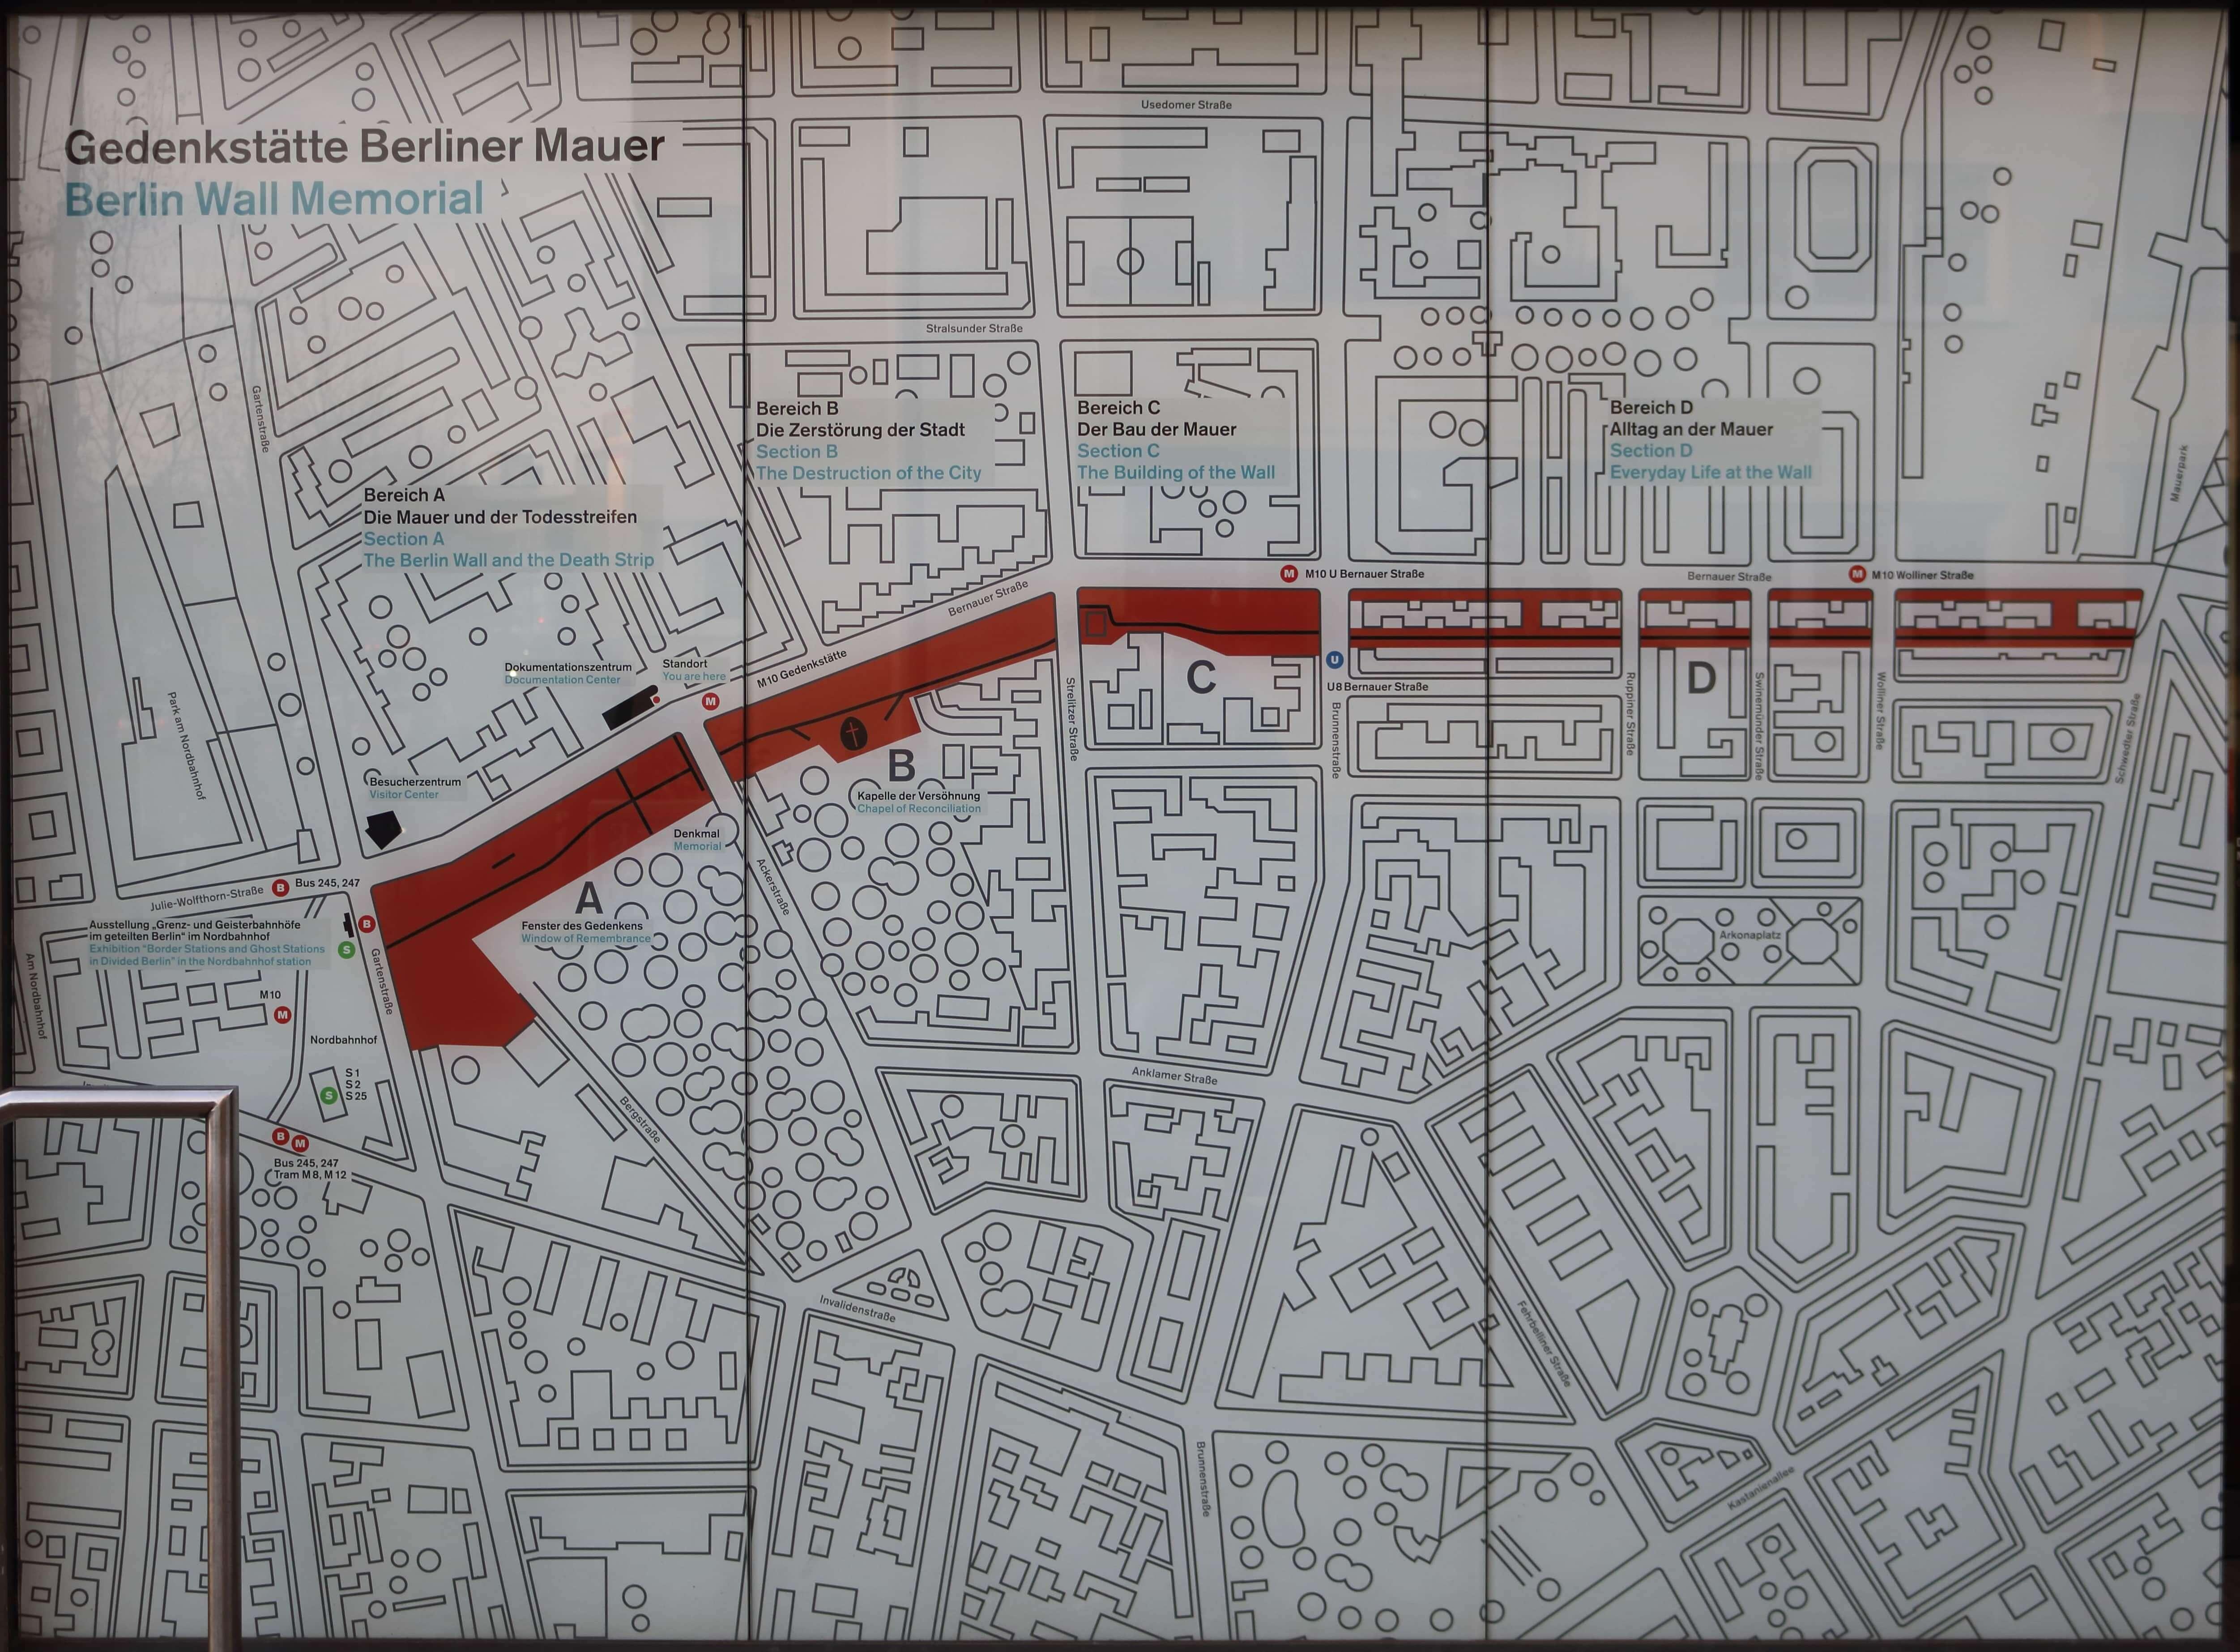 Bau Der Berliner Mauer Karte.Gedenkstätte Berliner Mauer Karte Guidenex